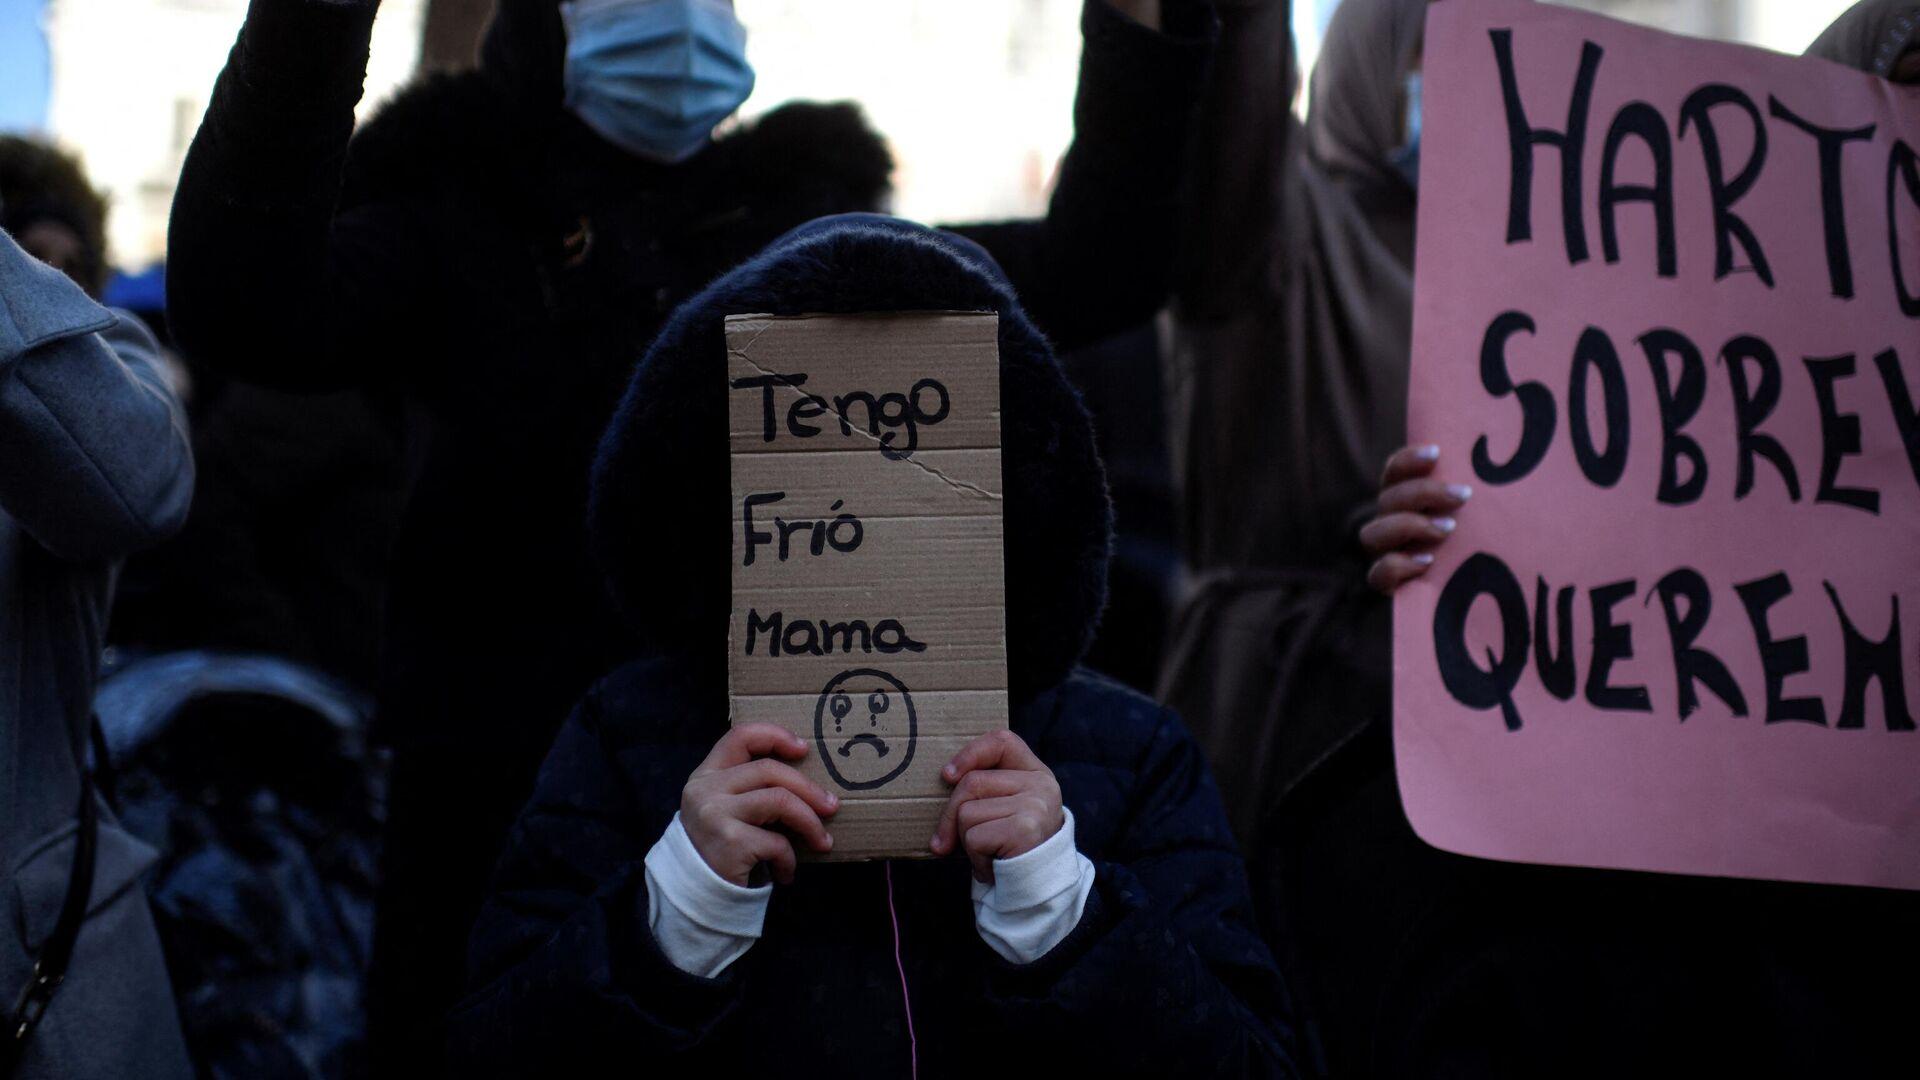 Una niña lleva un cartón que dice Tengo frío, mamá durante una manifestación contra los cortes de luz frente a la sede del gobierno regional en Madrid. 3 de diciembre de 2020. - Sputnik Mundo, 1920, 16.02.2021